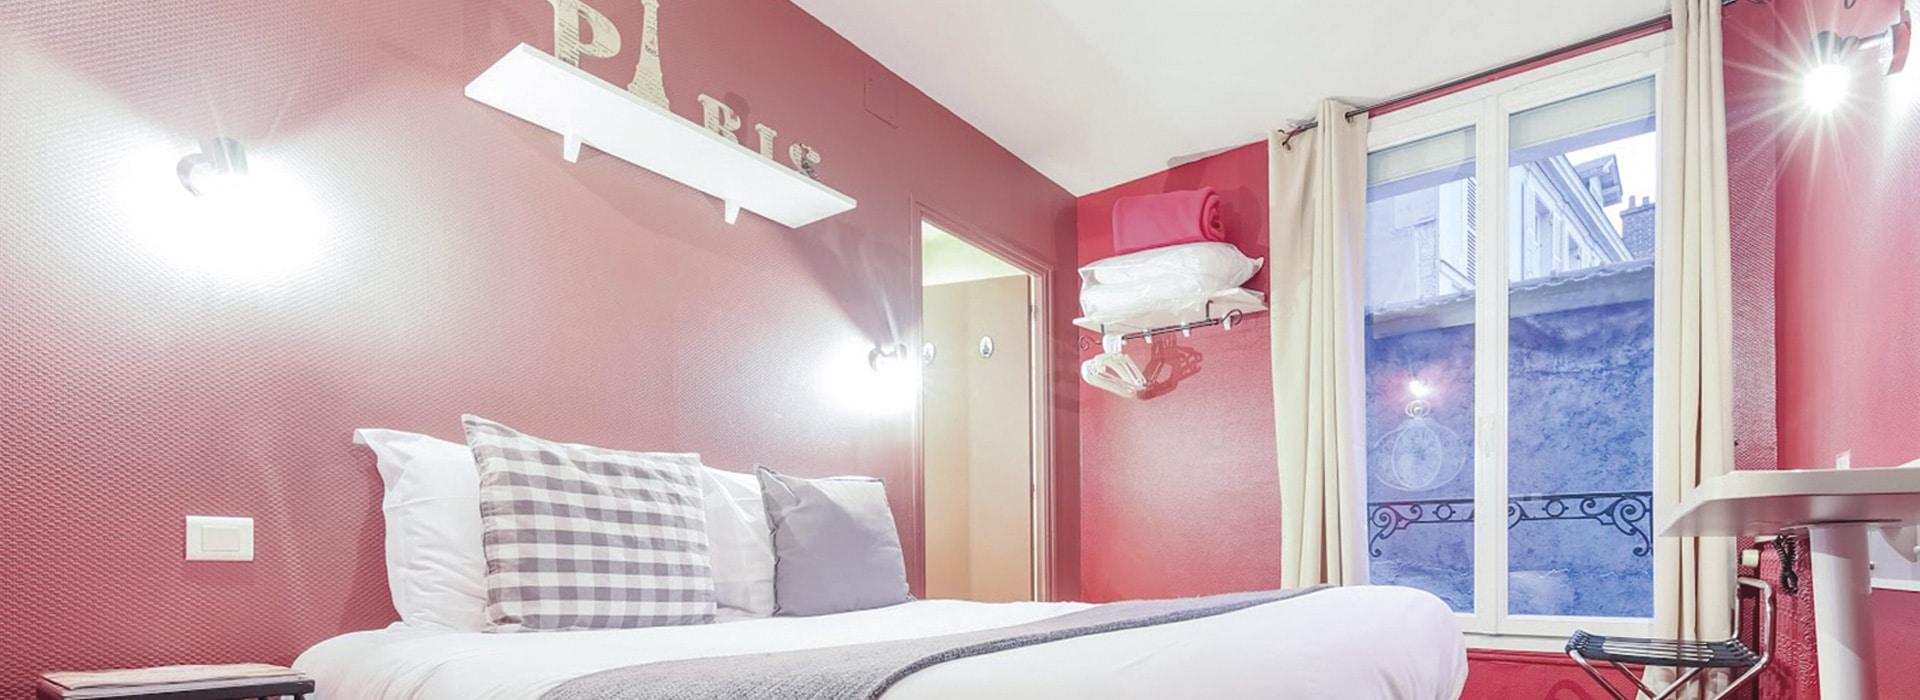 hotel-azur-chambre14